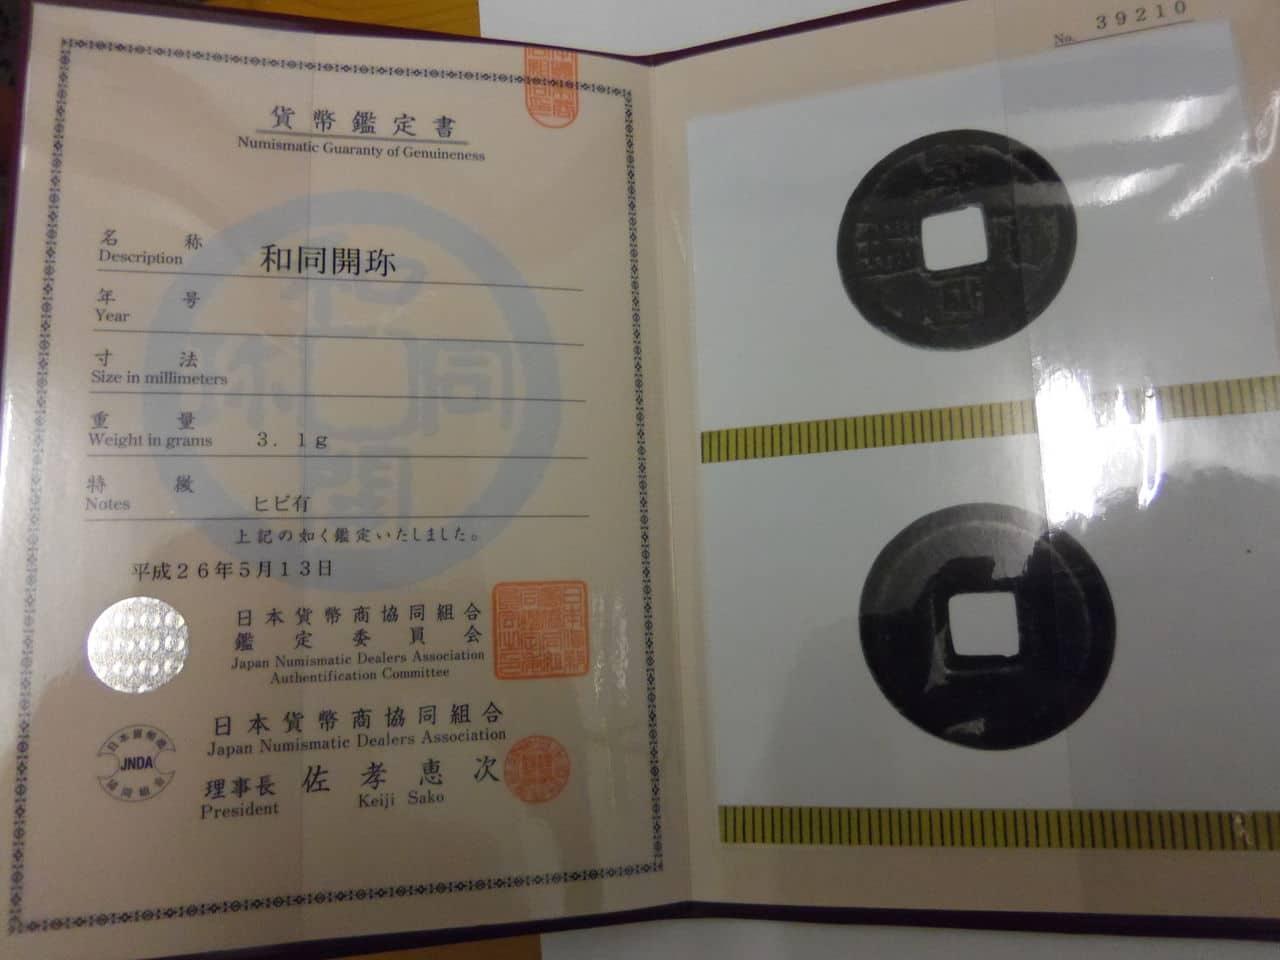 Wado-Kaichin. Año 708. La primera moneda oficial Japonesa de la Historia.  IMGP2934